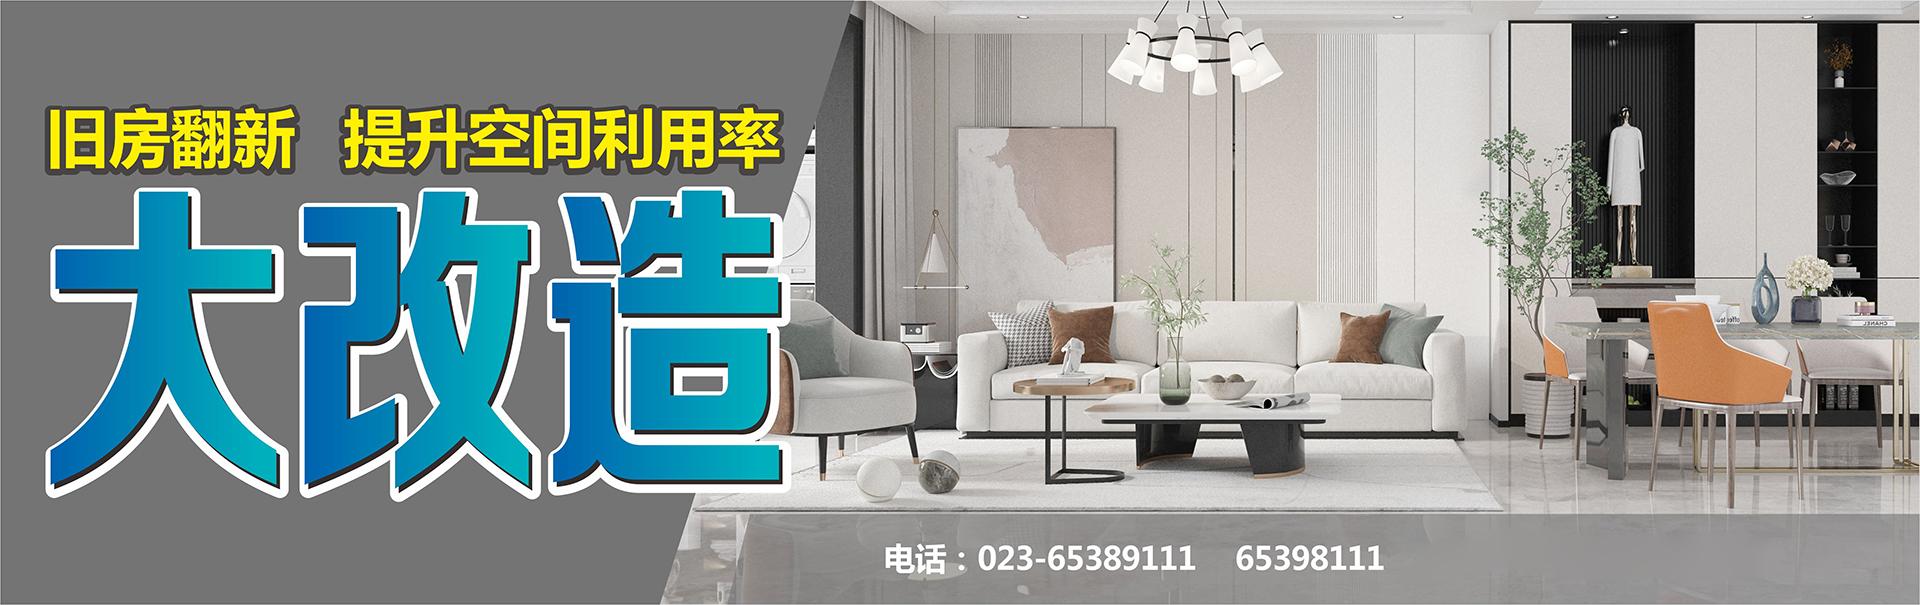 重庆墙布定制公司